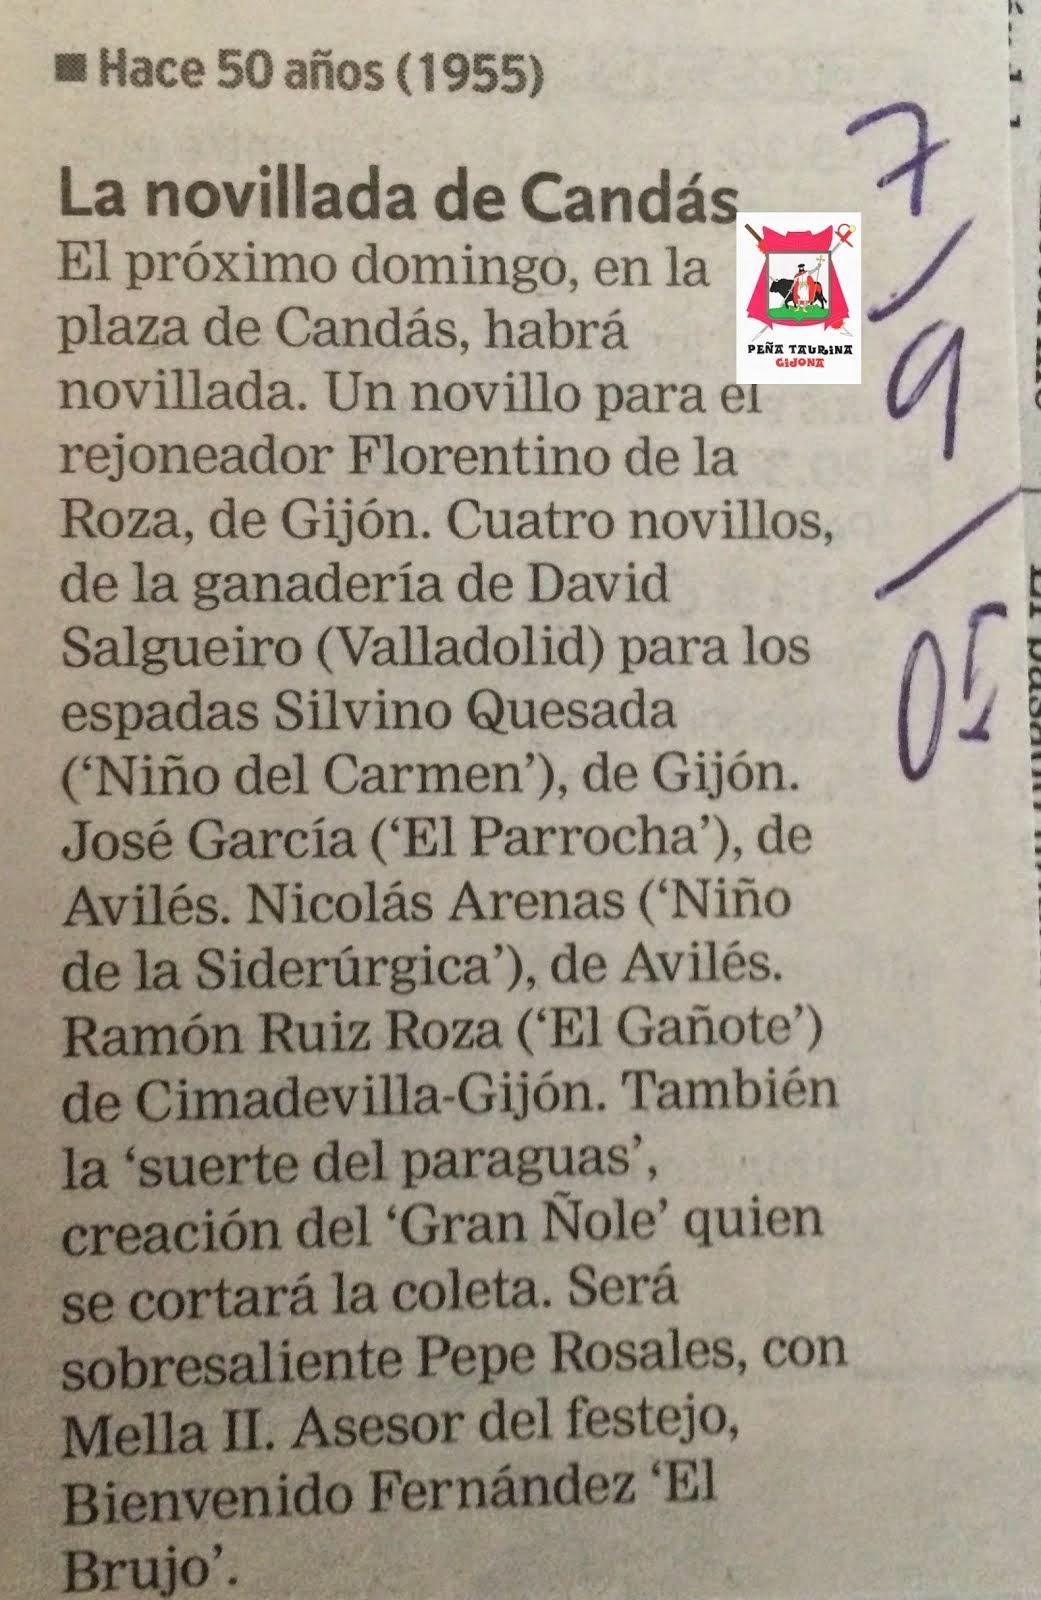 LA NOVILLADA DE CANDÁS